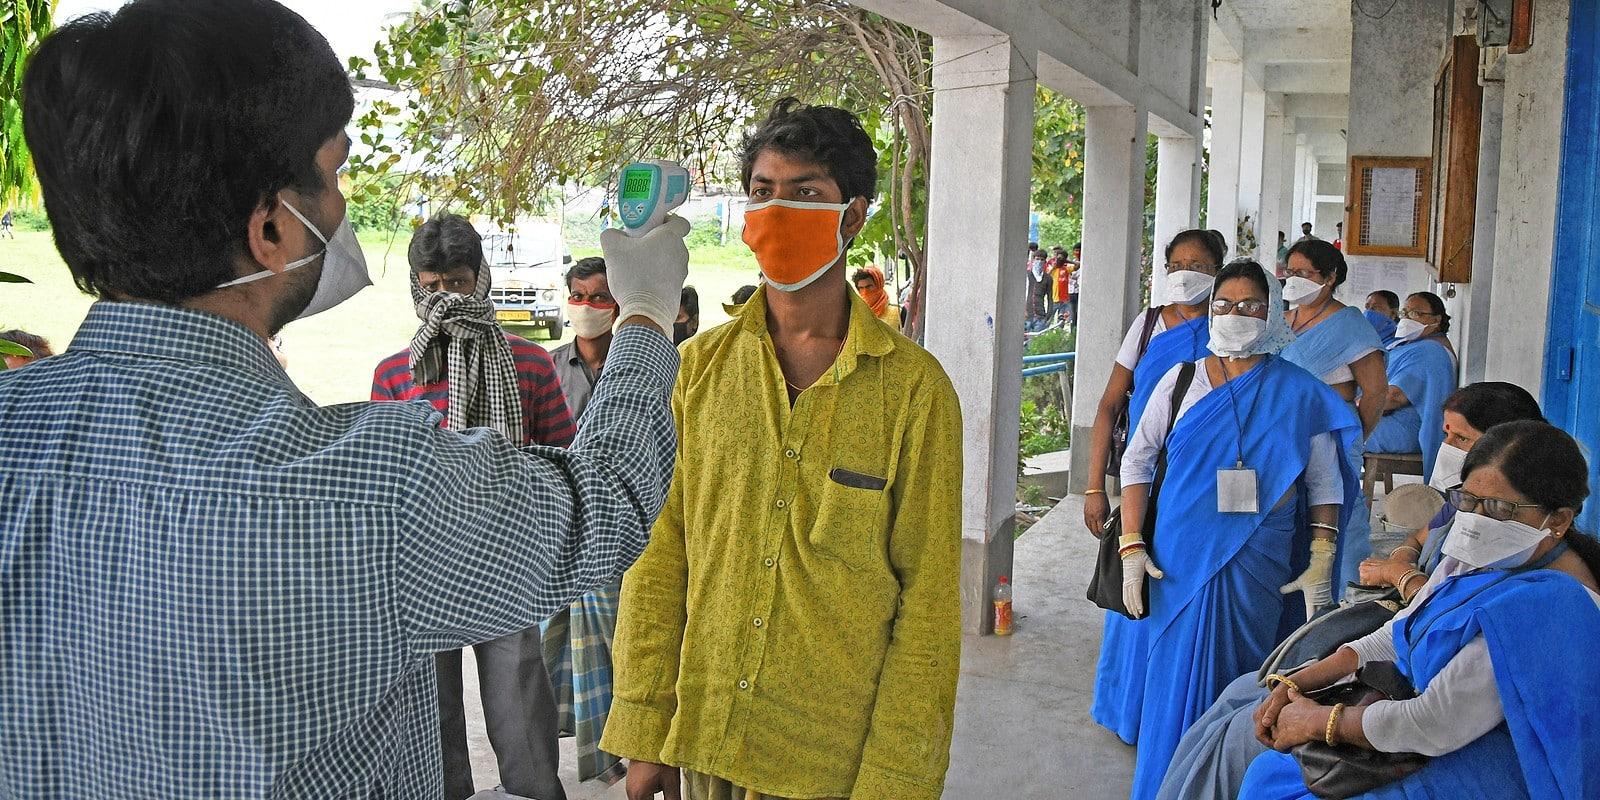 West Bengal India health screening for Coronavirus testing